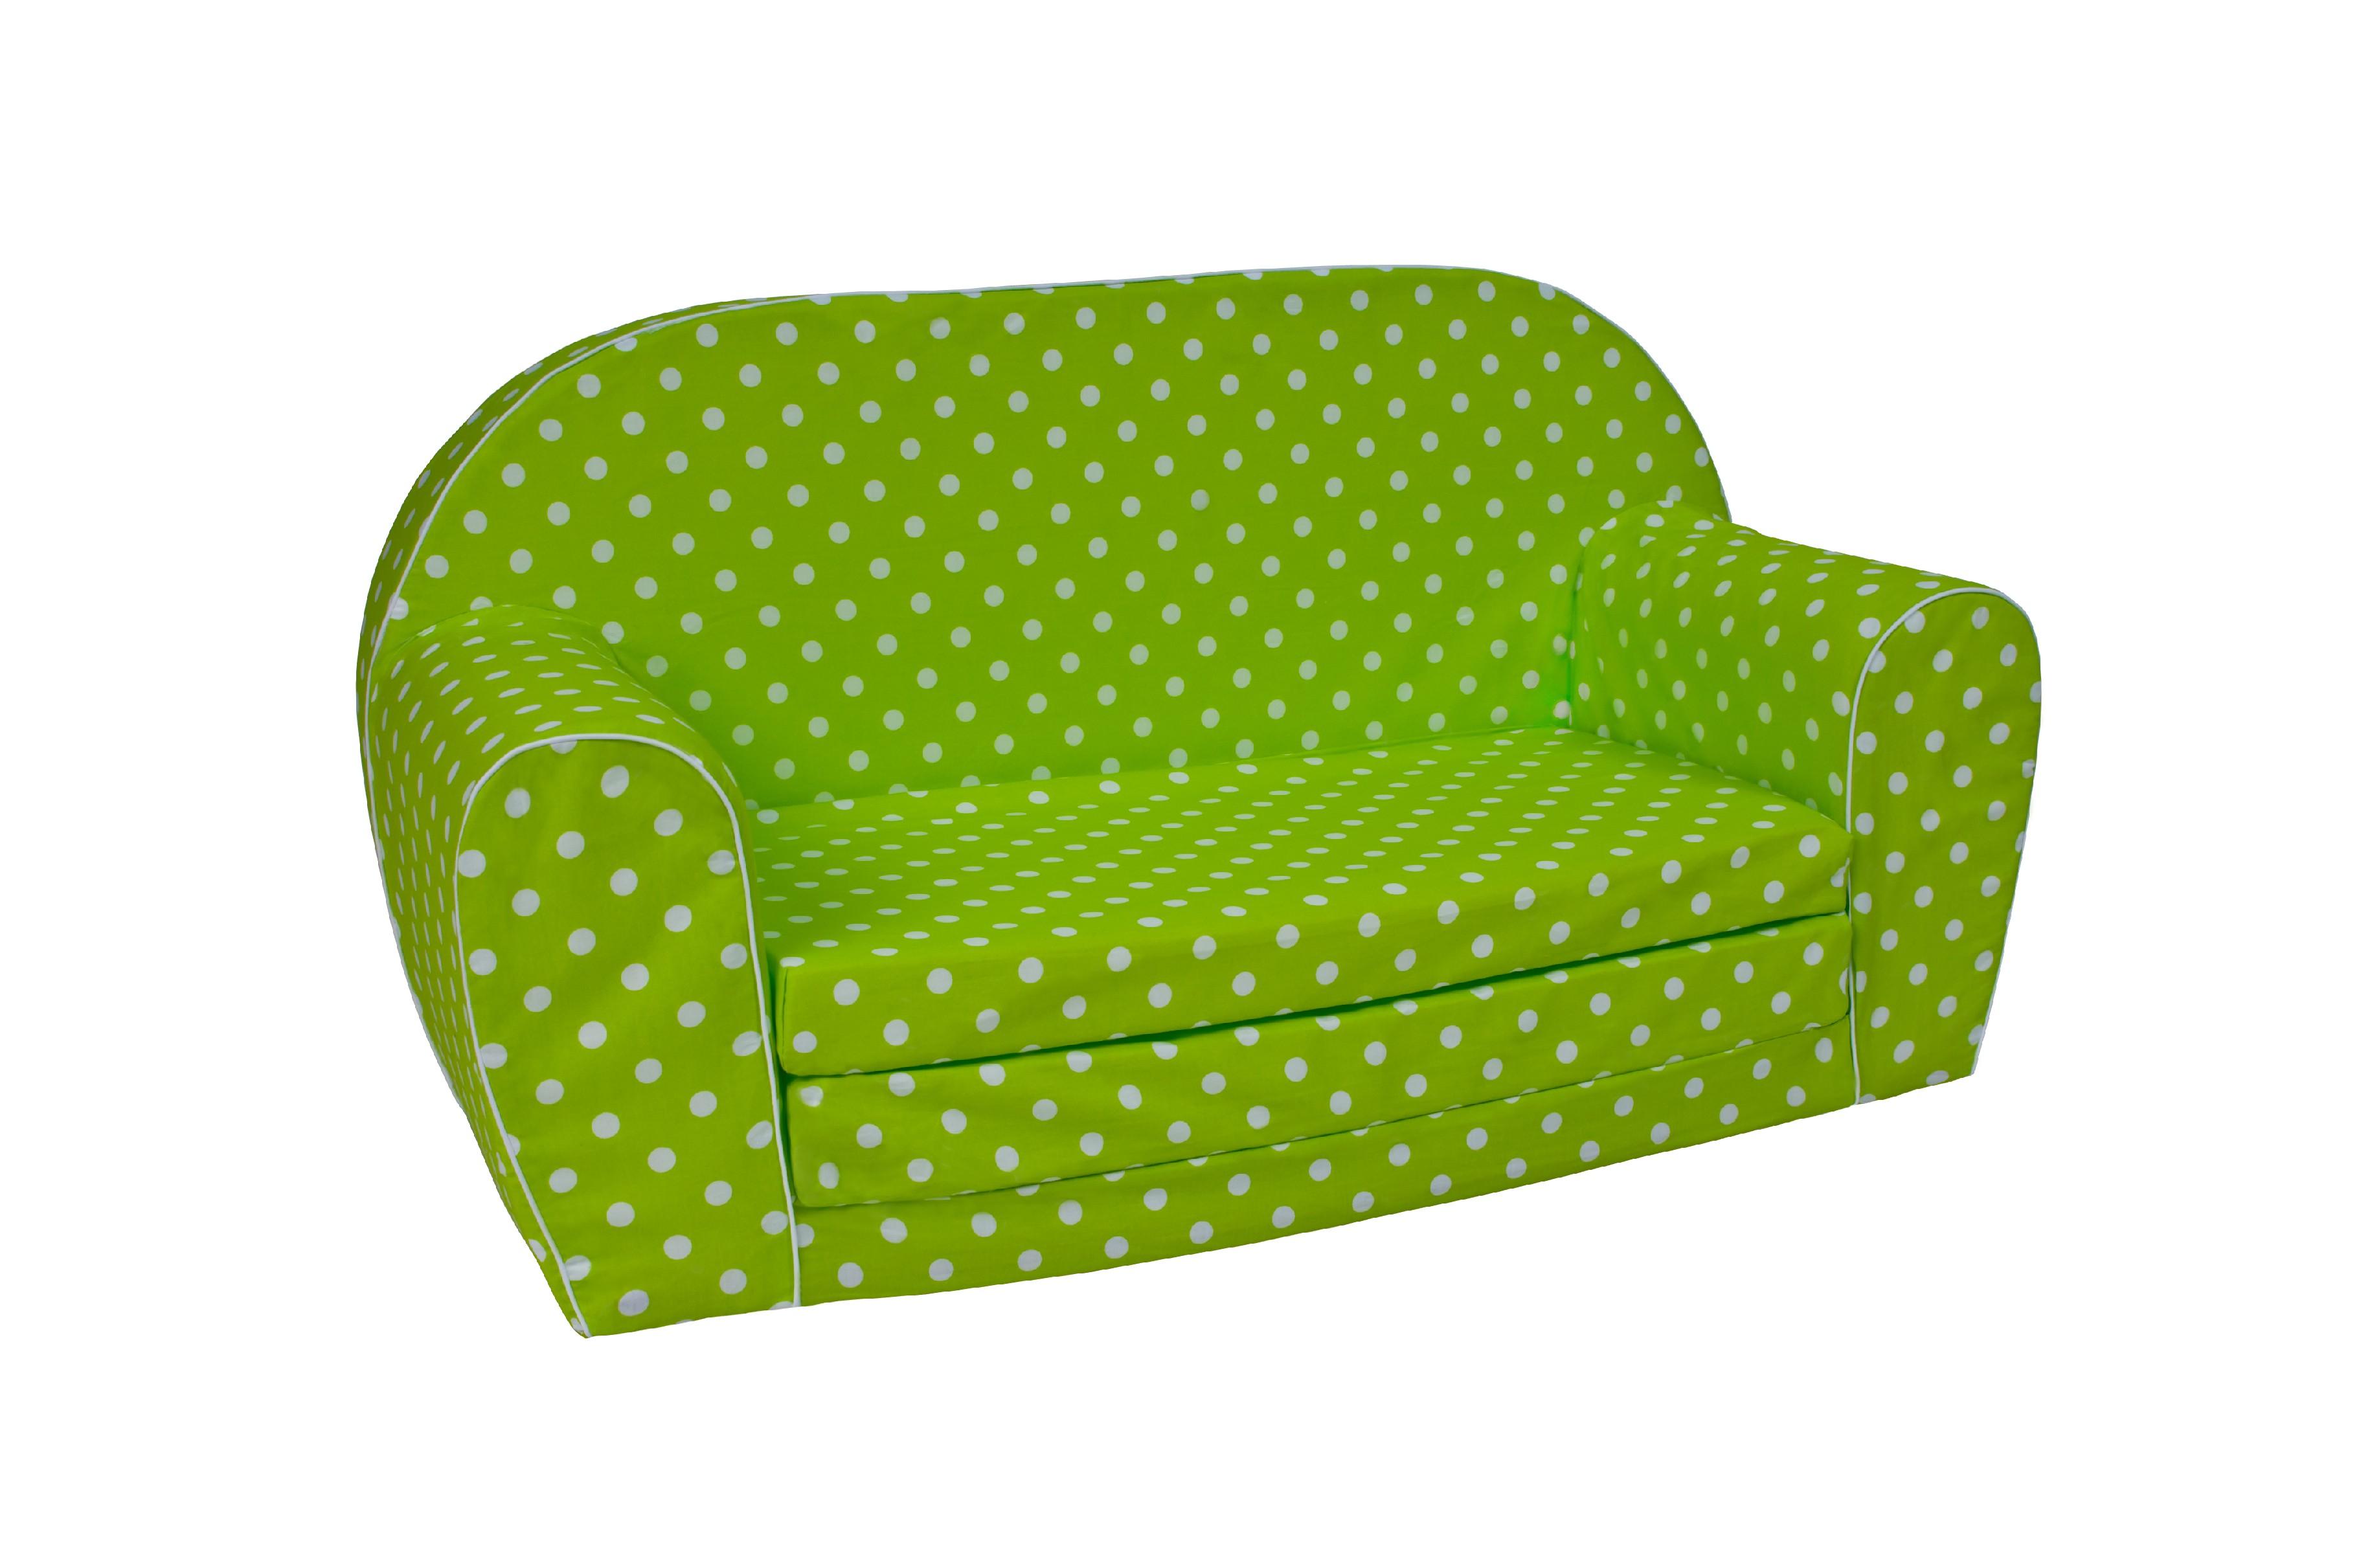 TEX-IM Rozkládací dětská pohovka MINI Vzor: Bílé tečky na zeleném